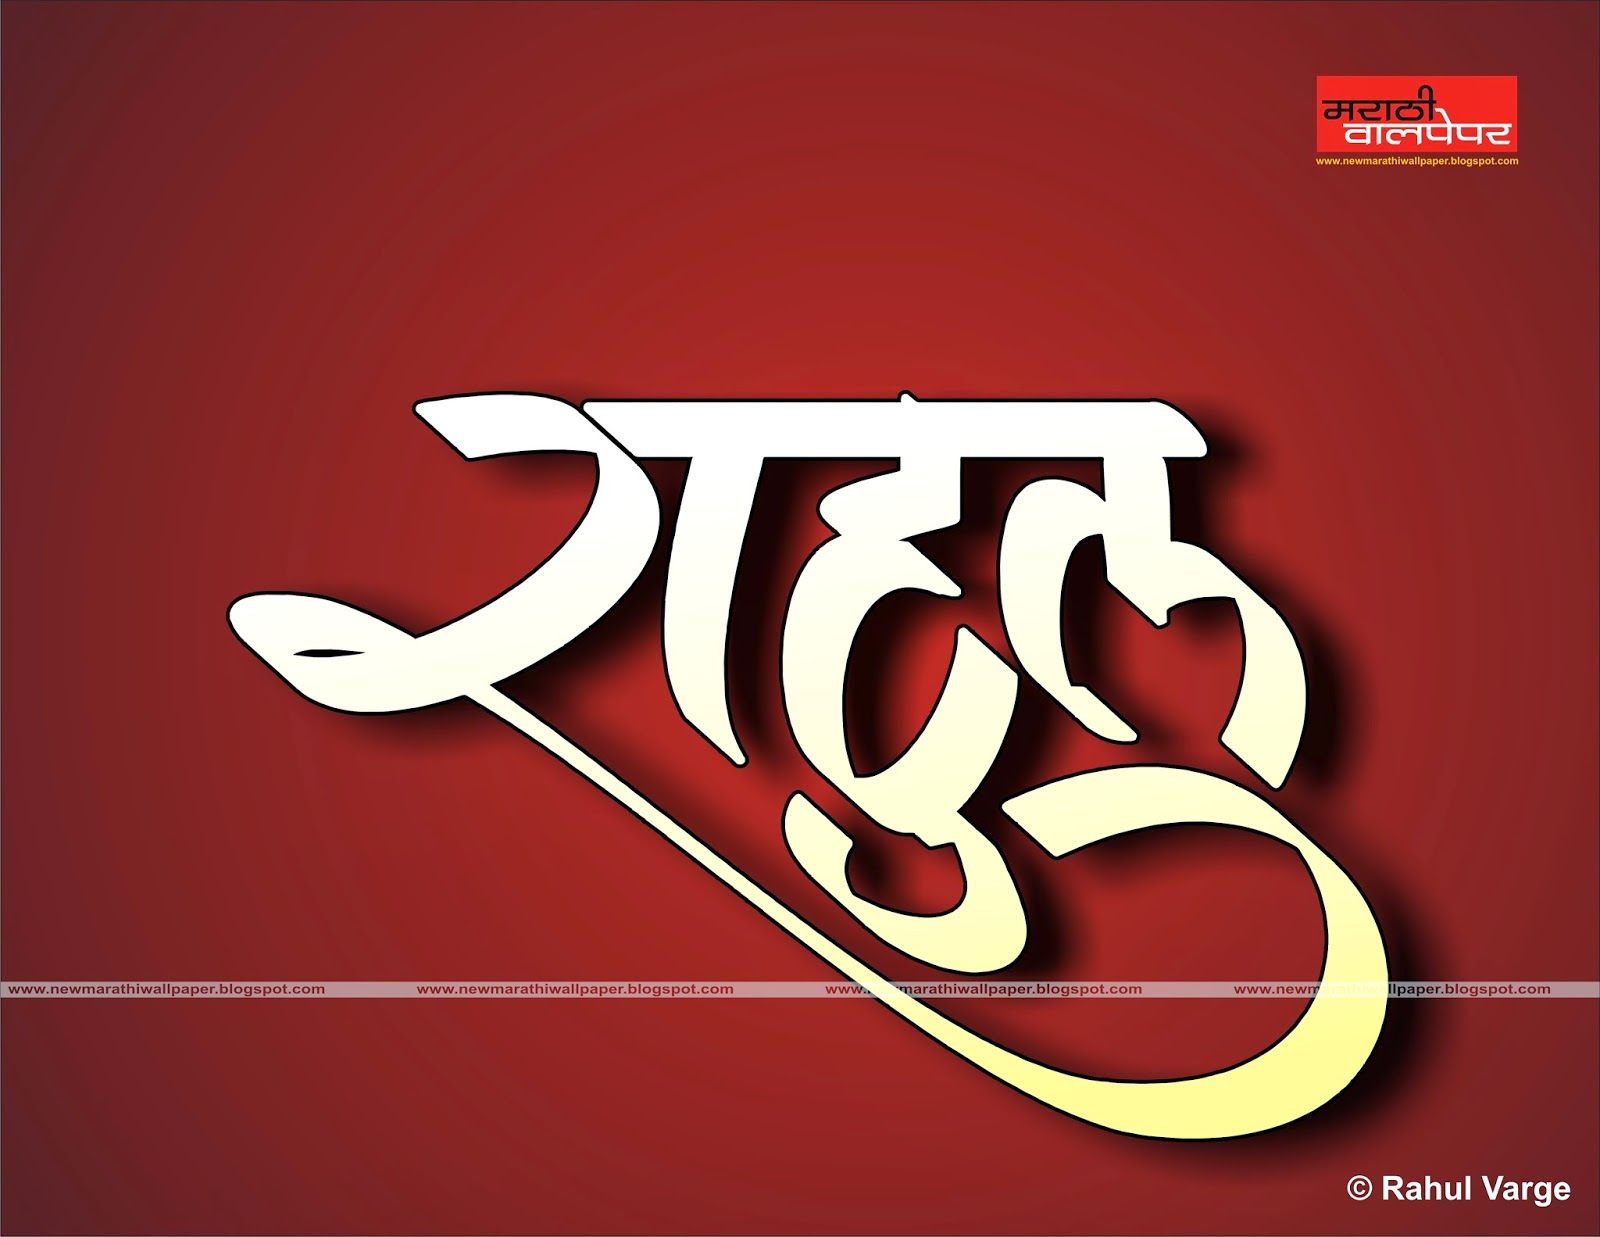 Rahul naam toh yaad rahega